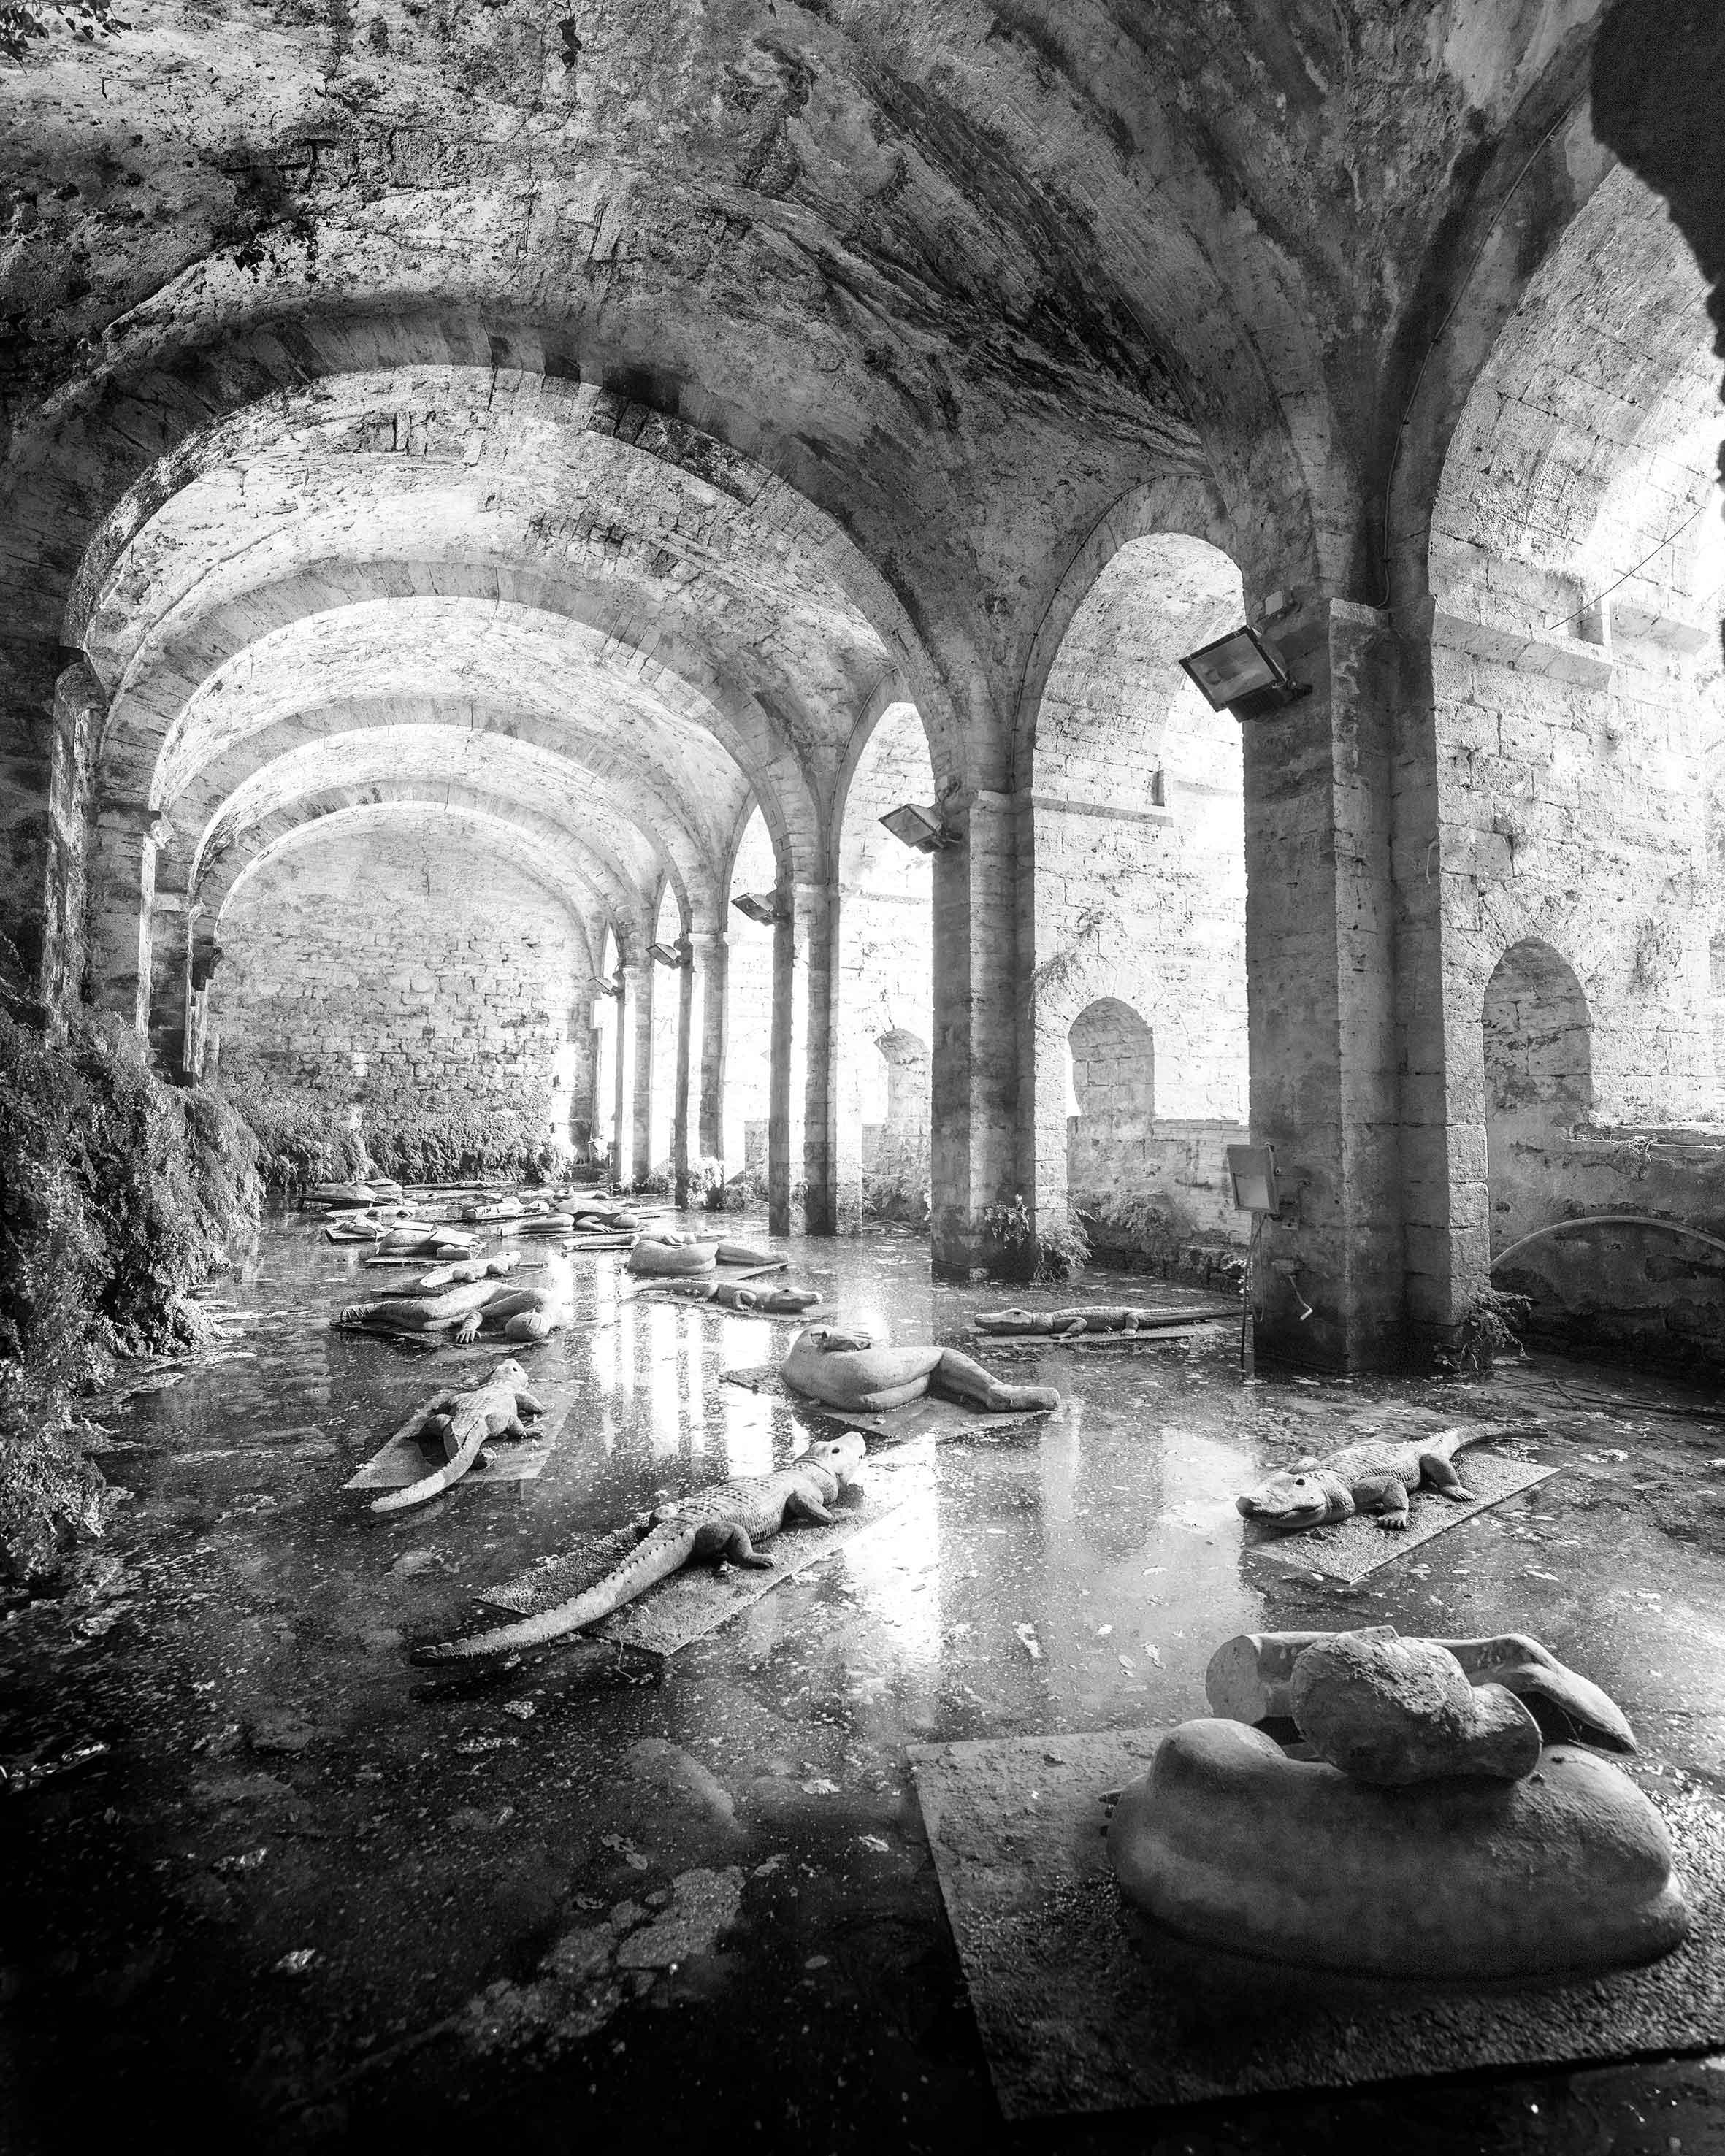 Fonte-delle-fate-,-Poggibonsi---Marco-Paoli-©-Hallelujah-Toscana